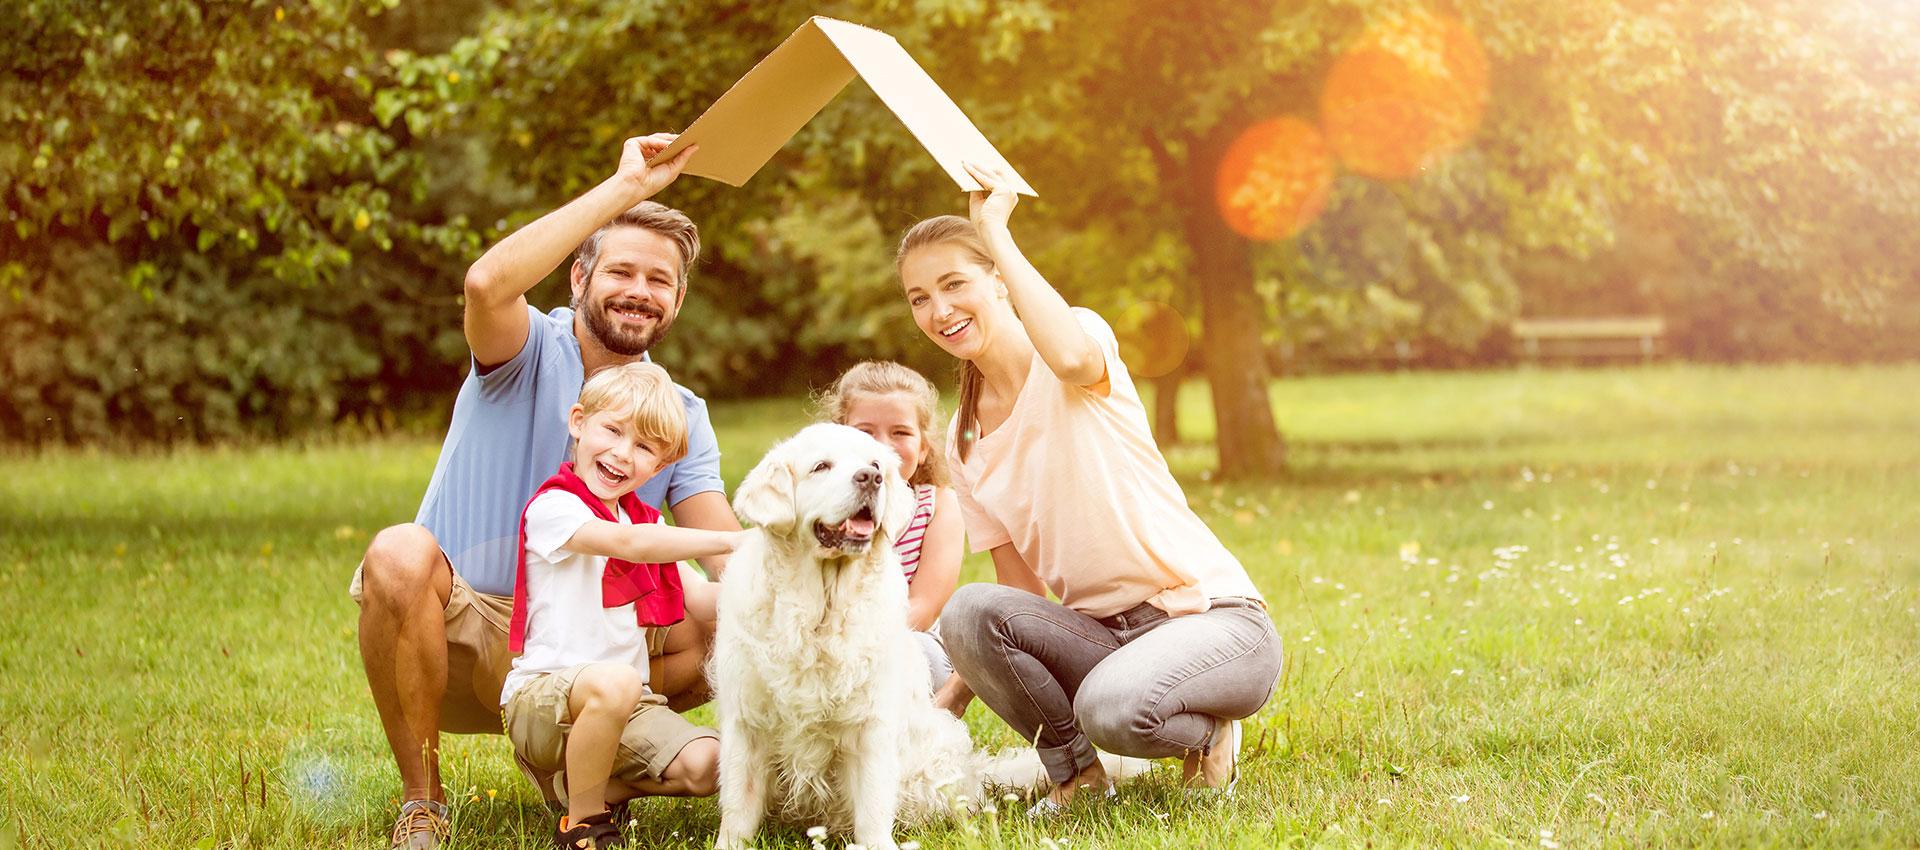 Abbildung Familie geschützt durch Dach